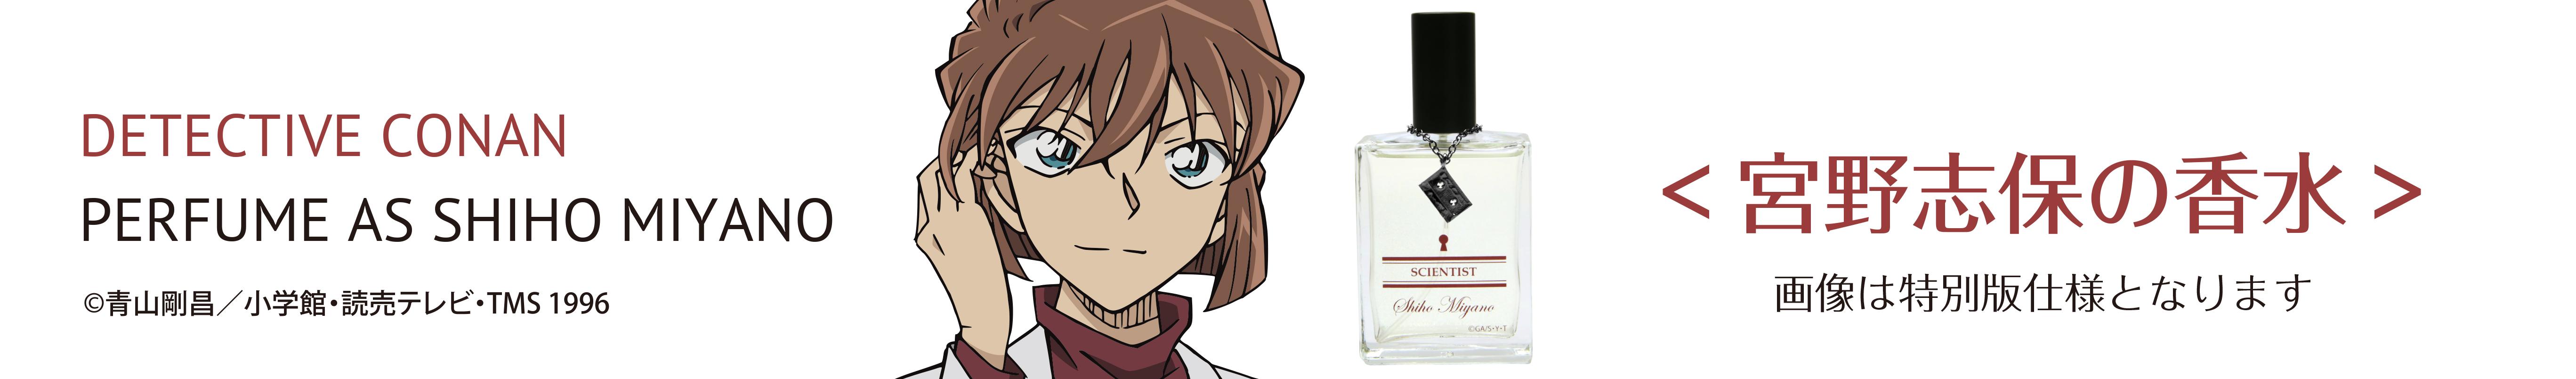 名探偵コナン宮野志保の香水